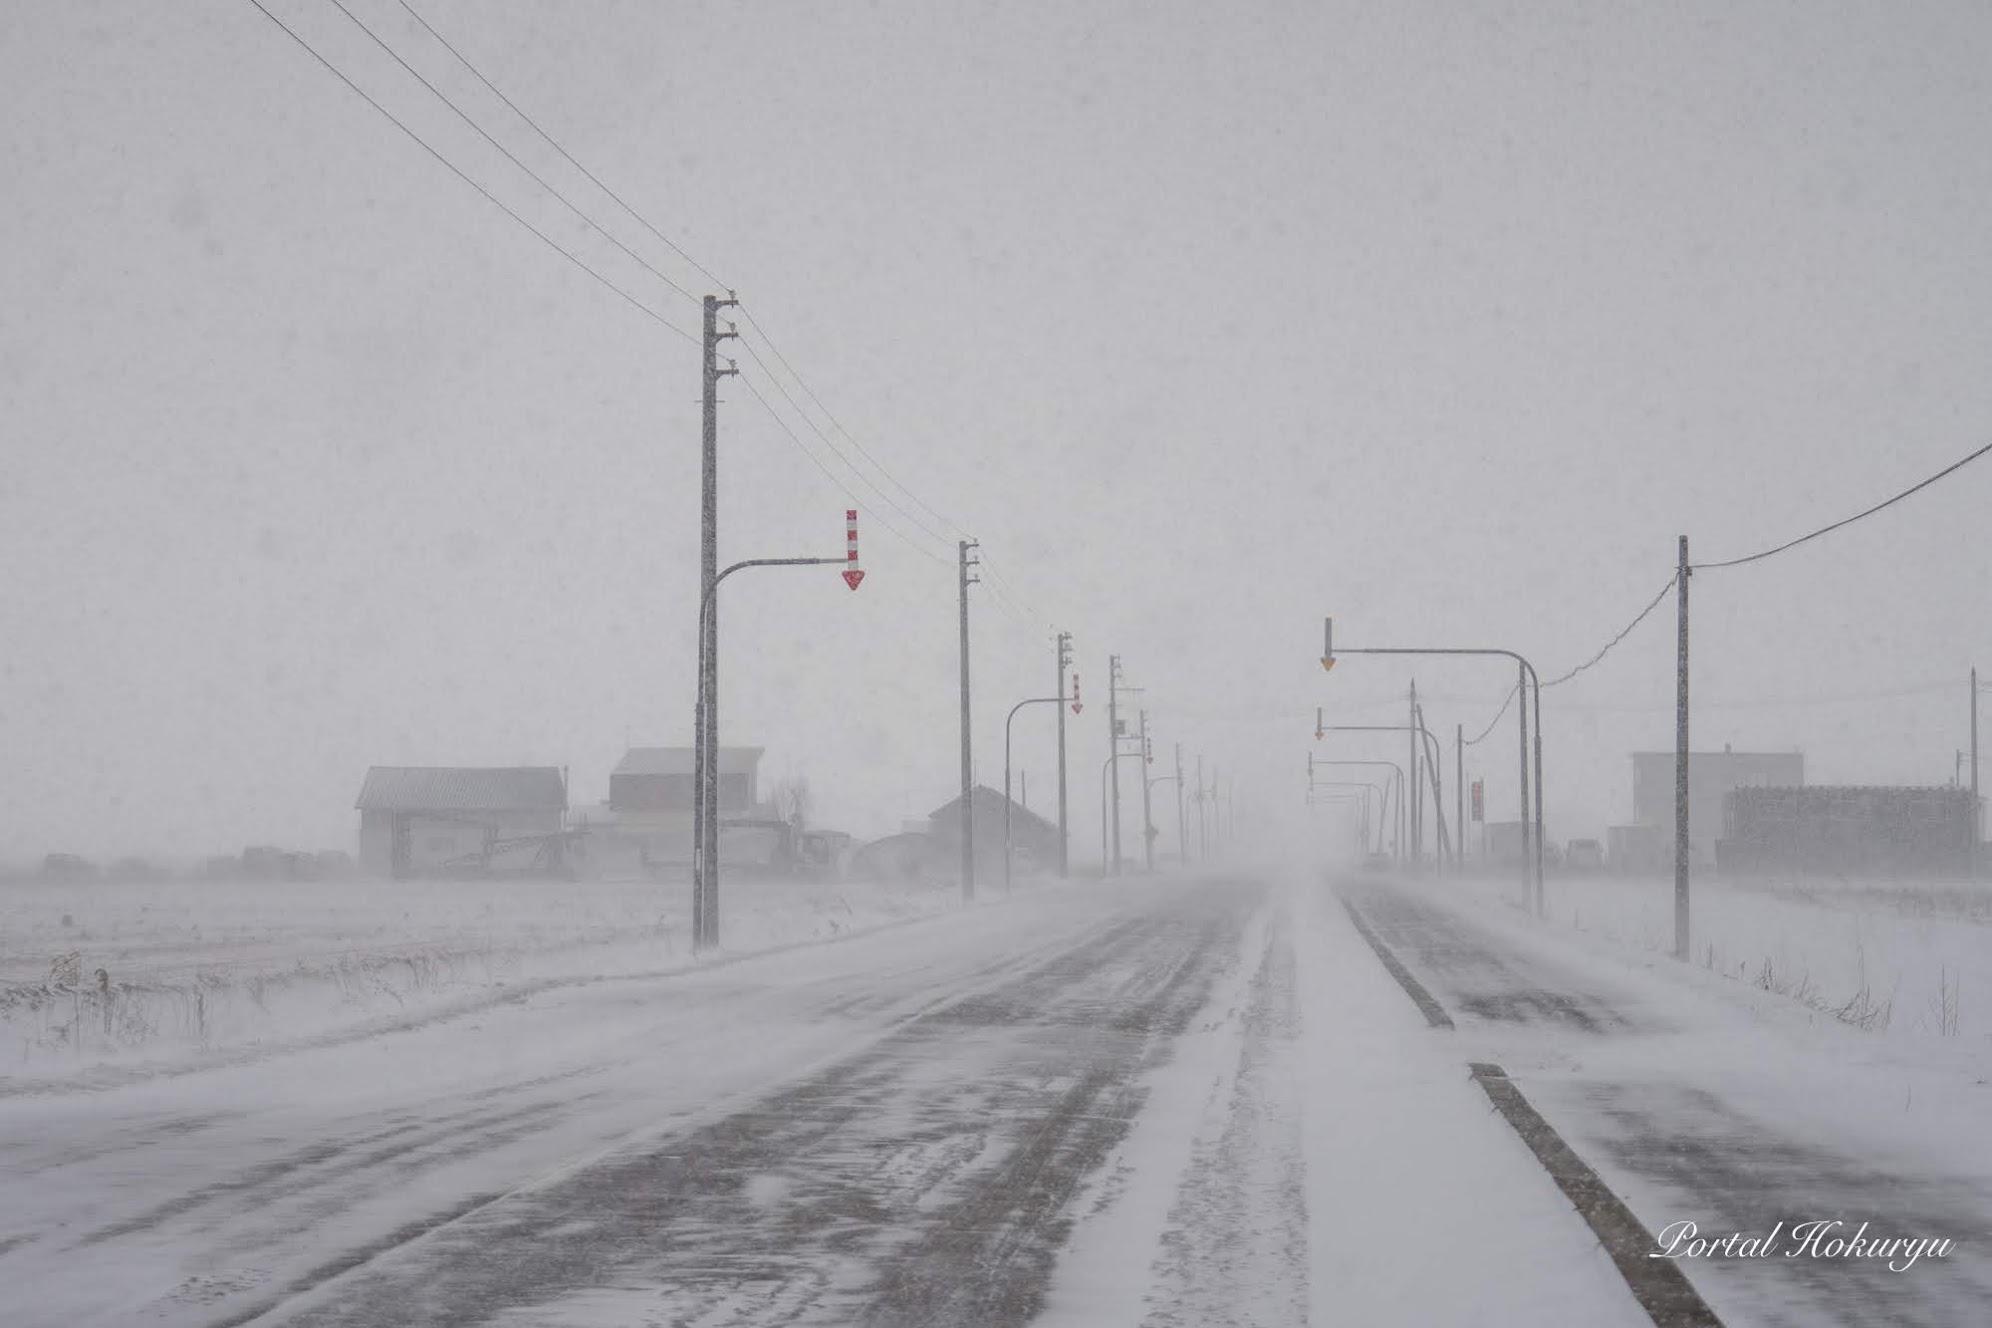 吹雪舞う道路